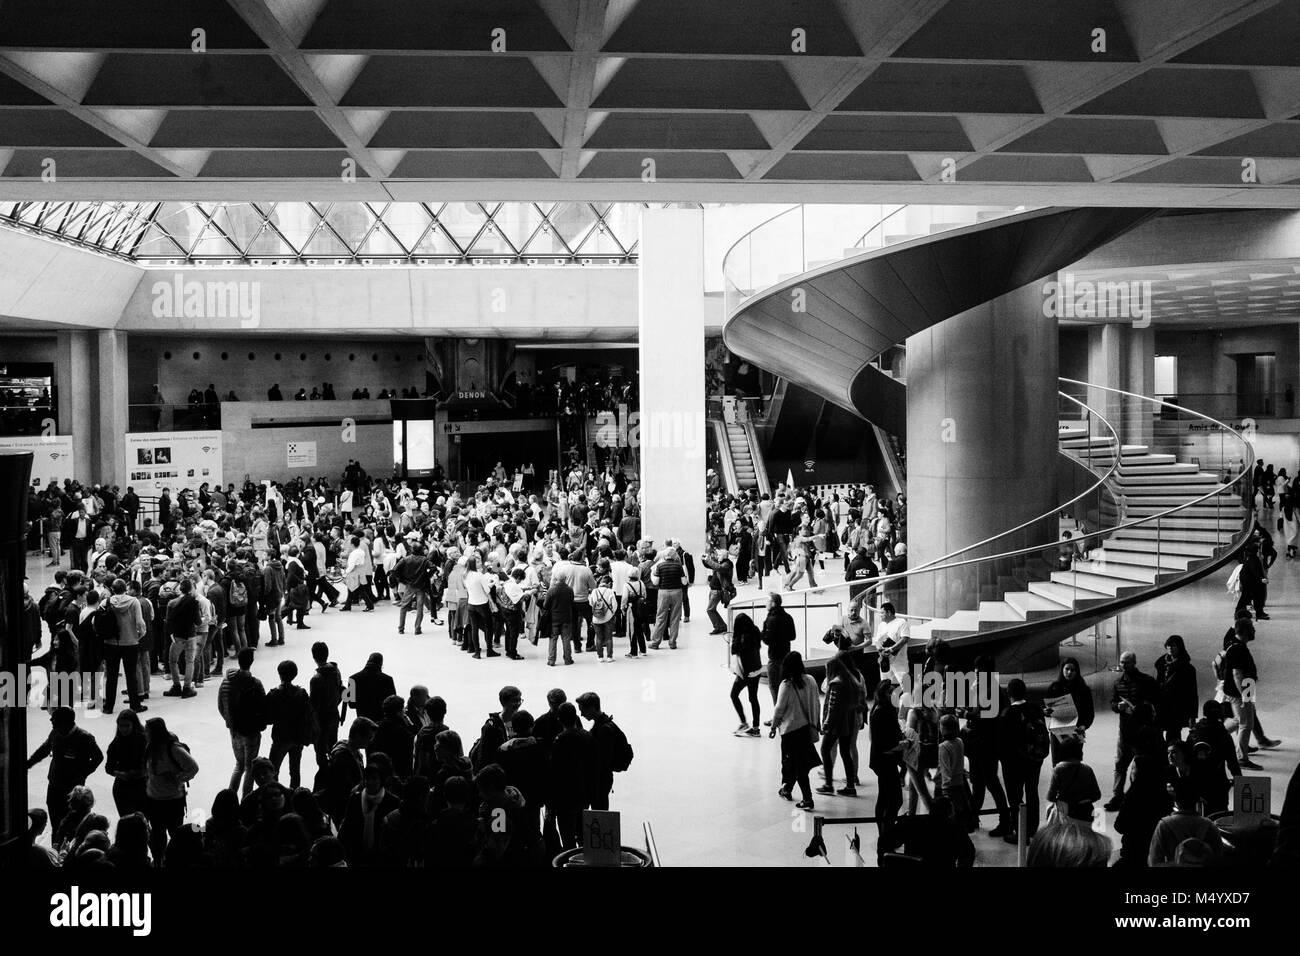 Crowds at Louvre museum, Paris, Ile-De-France, France - Stock Image